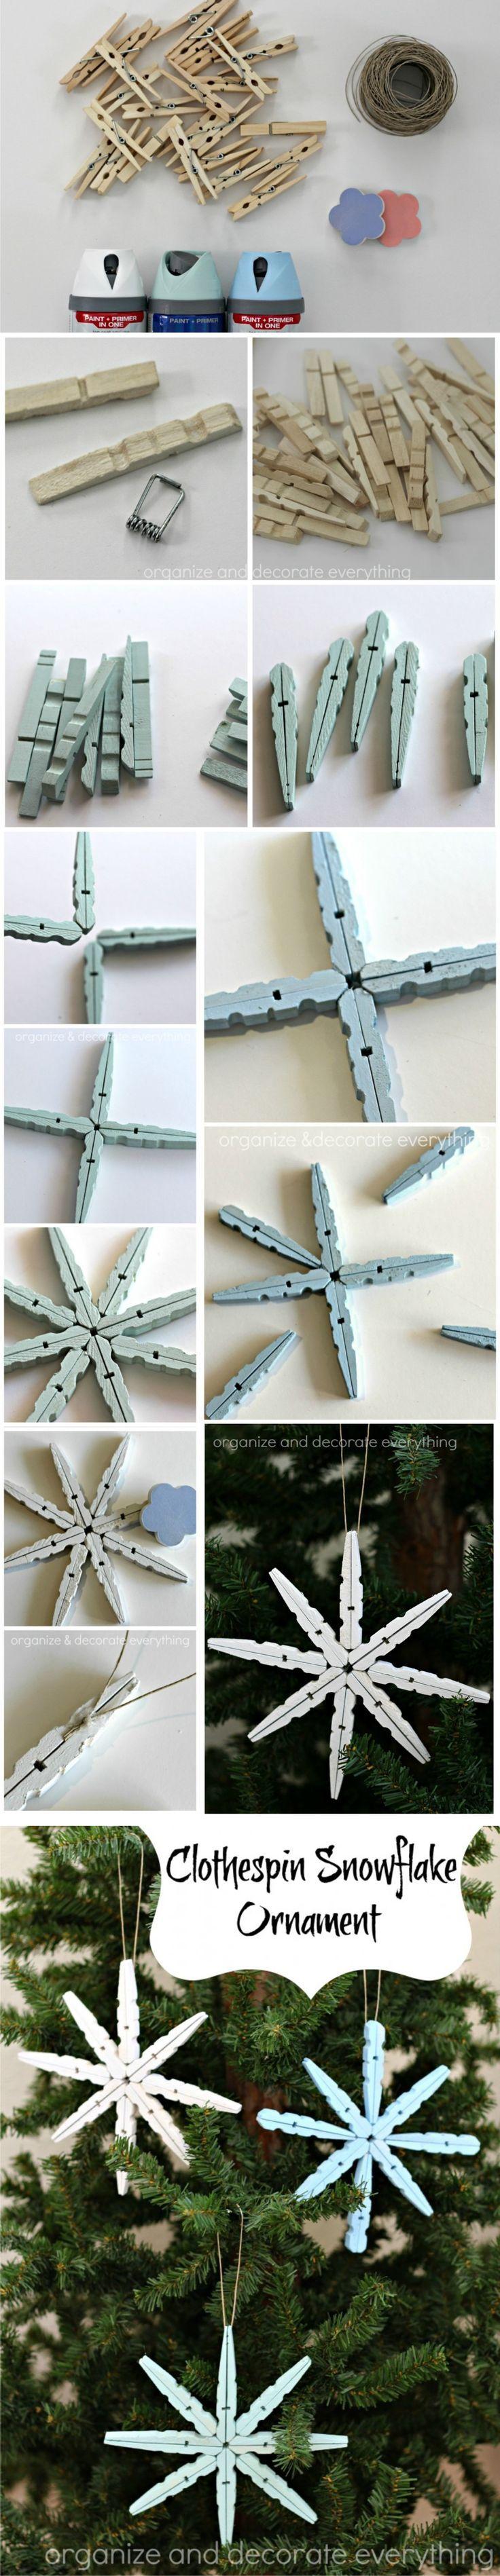 Ingeniosa decoracin navidea con pinzas de madera / Via http://organizeyourstuffnow.com/